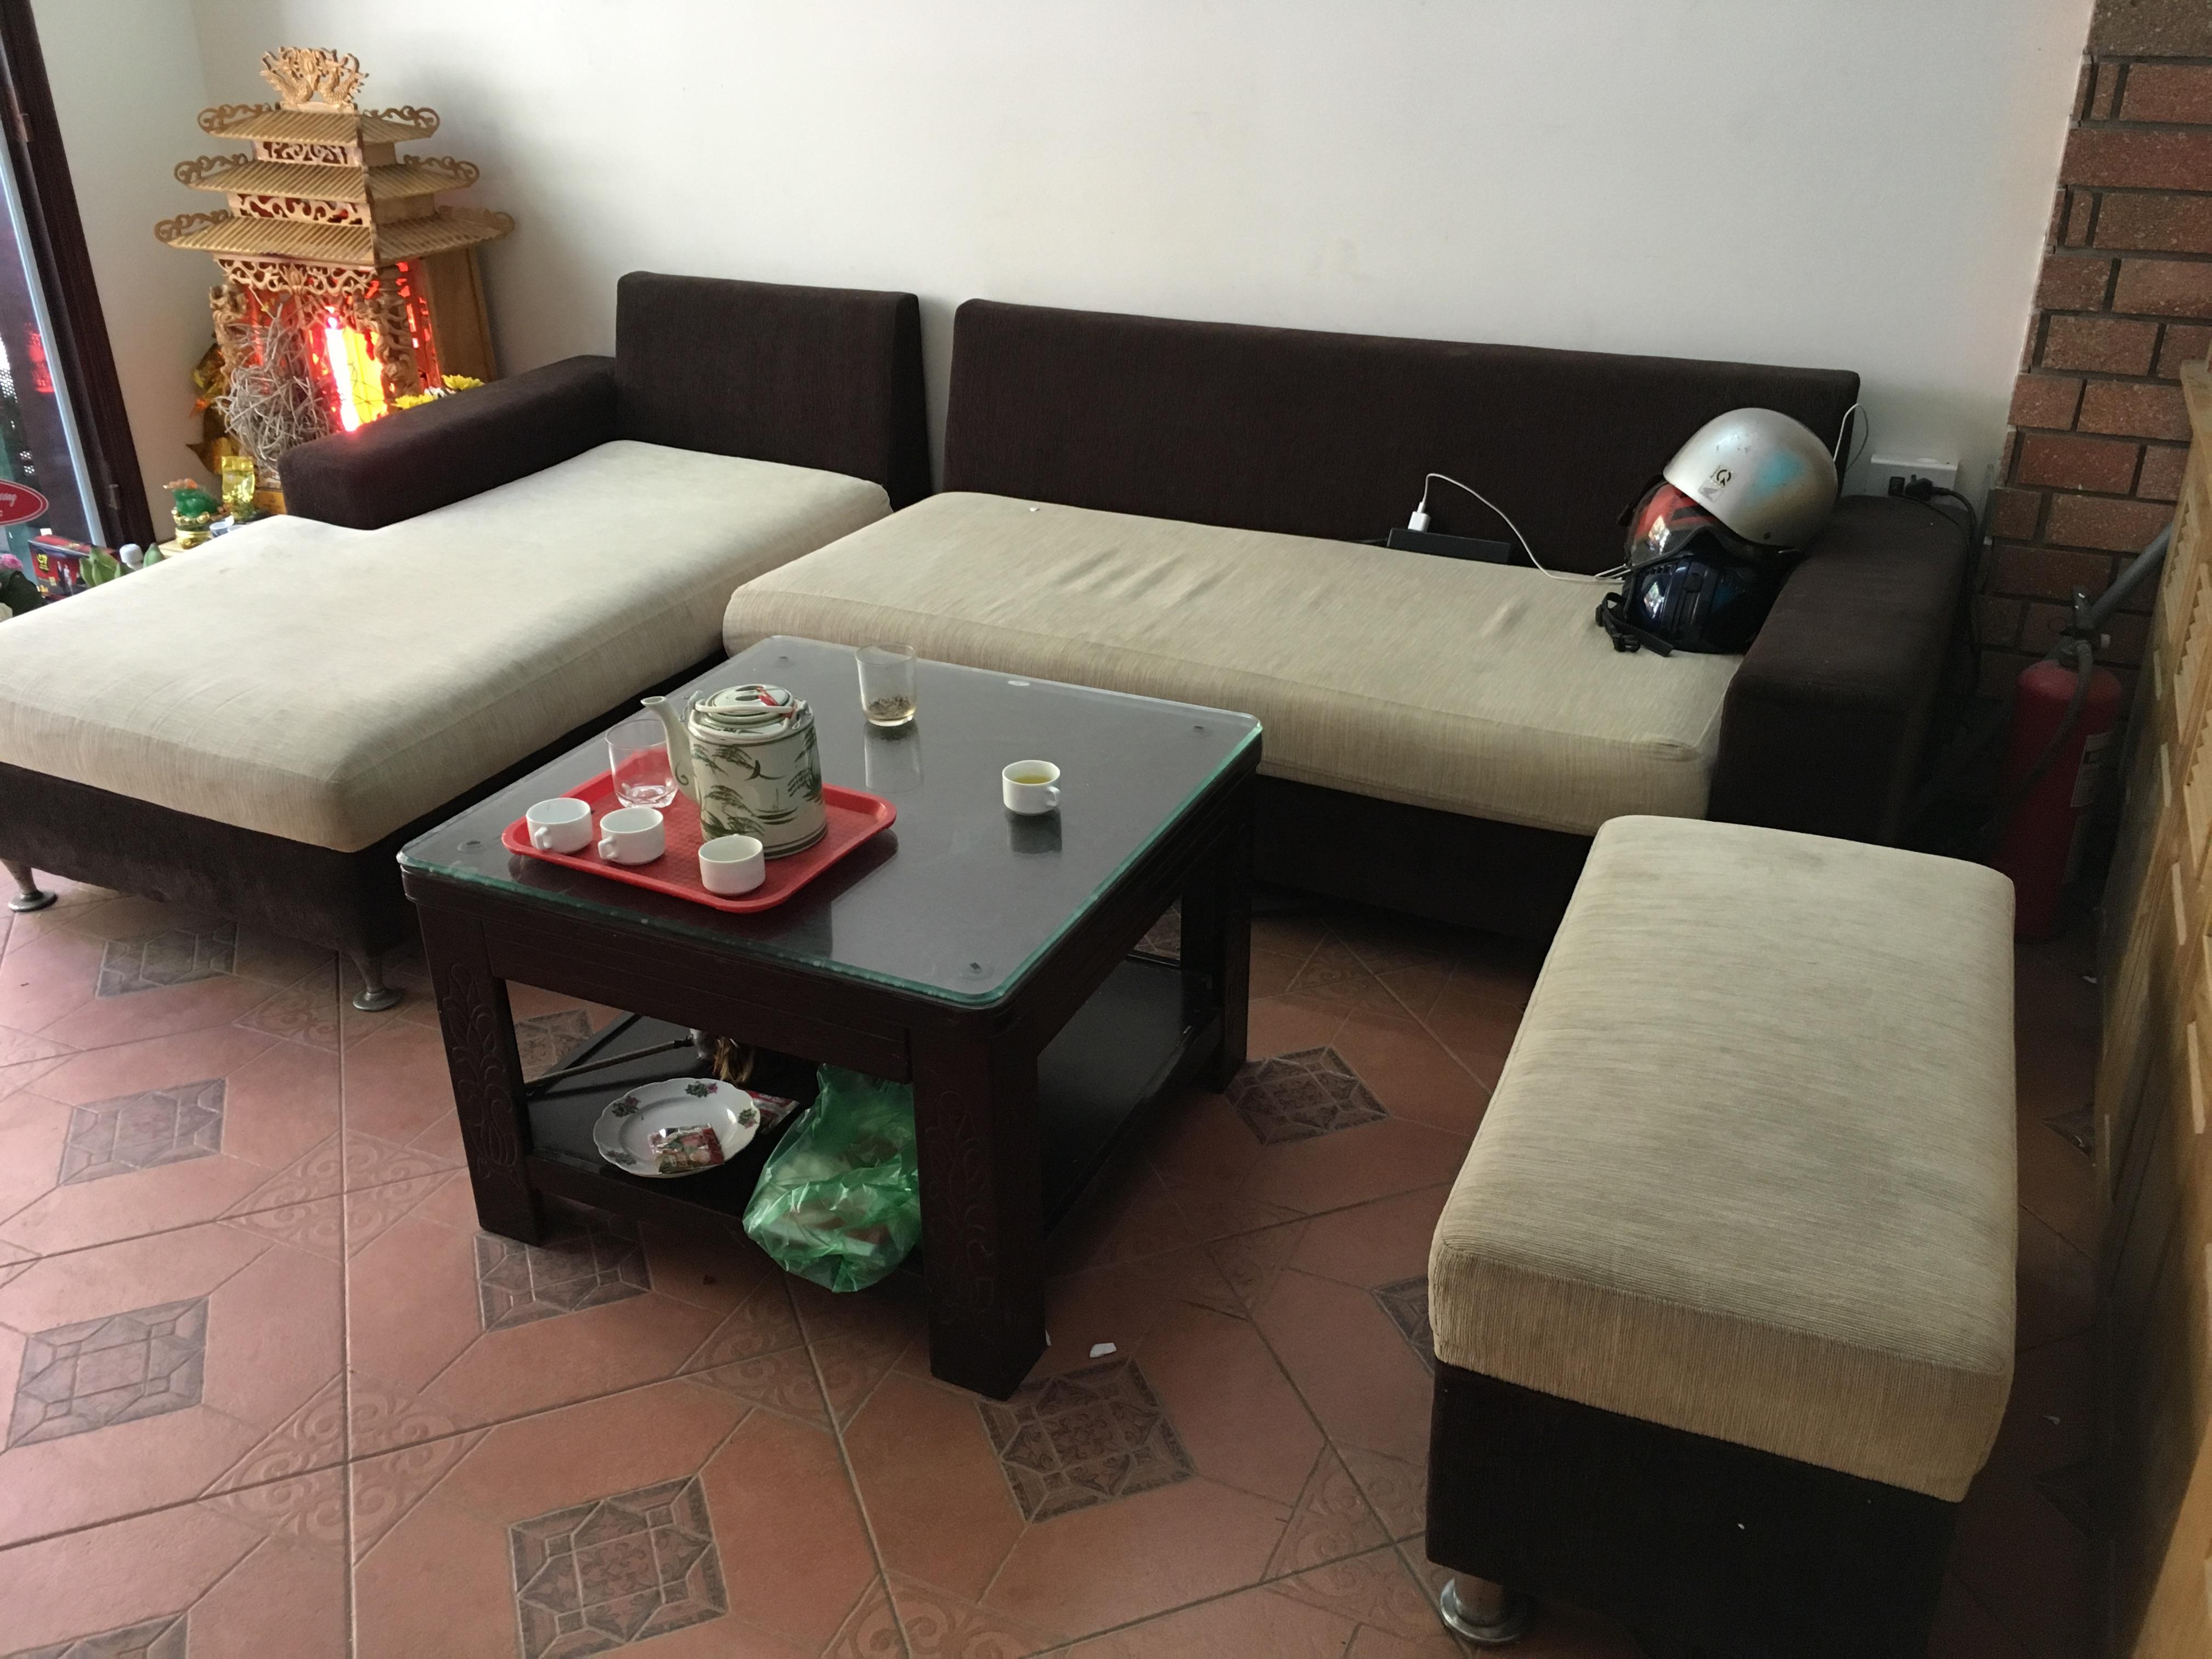 Thu Mua thanh lý bàn ghế cũ, nội thất văn phòng cũ Giá cao nhất tại Hà Nội